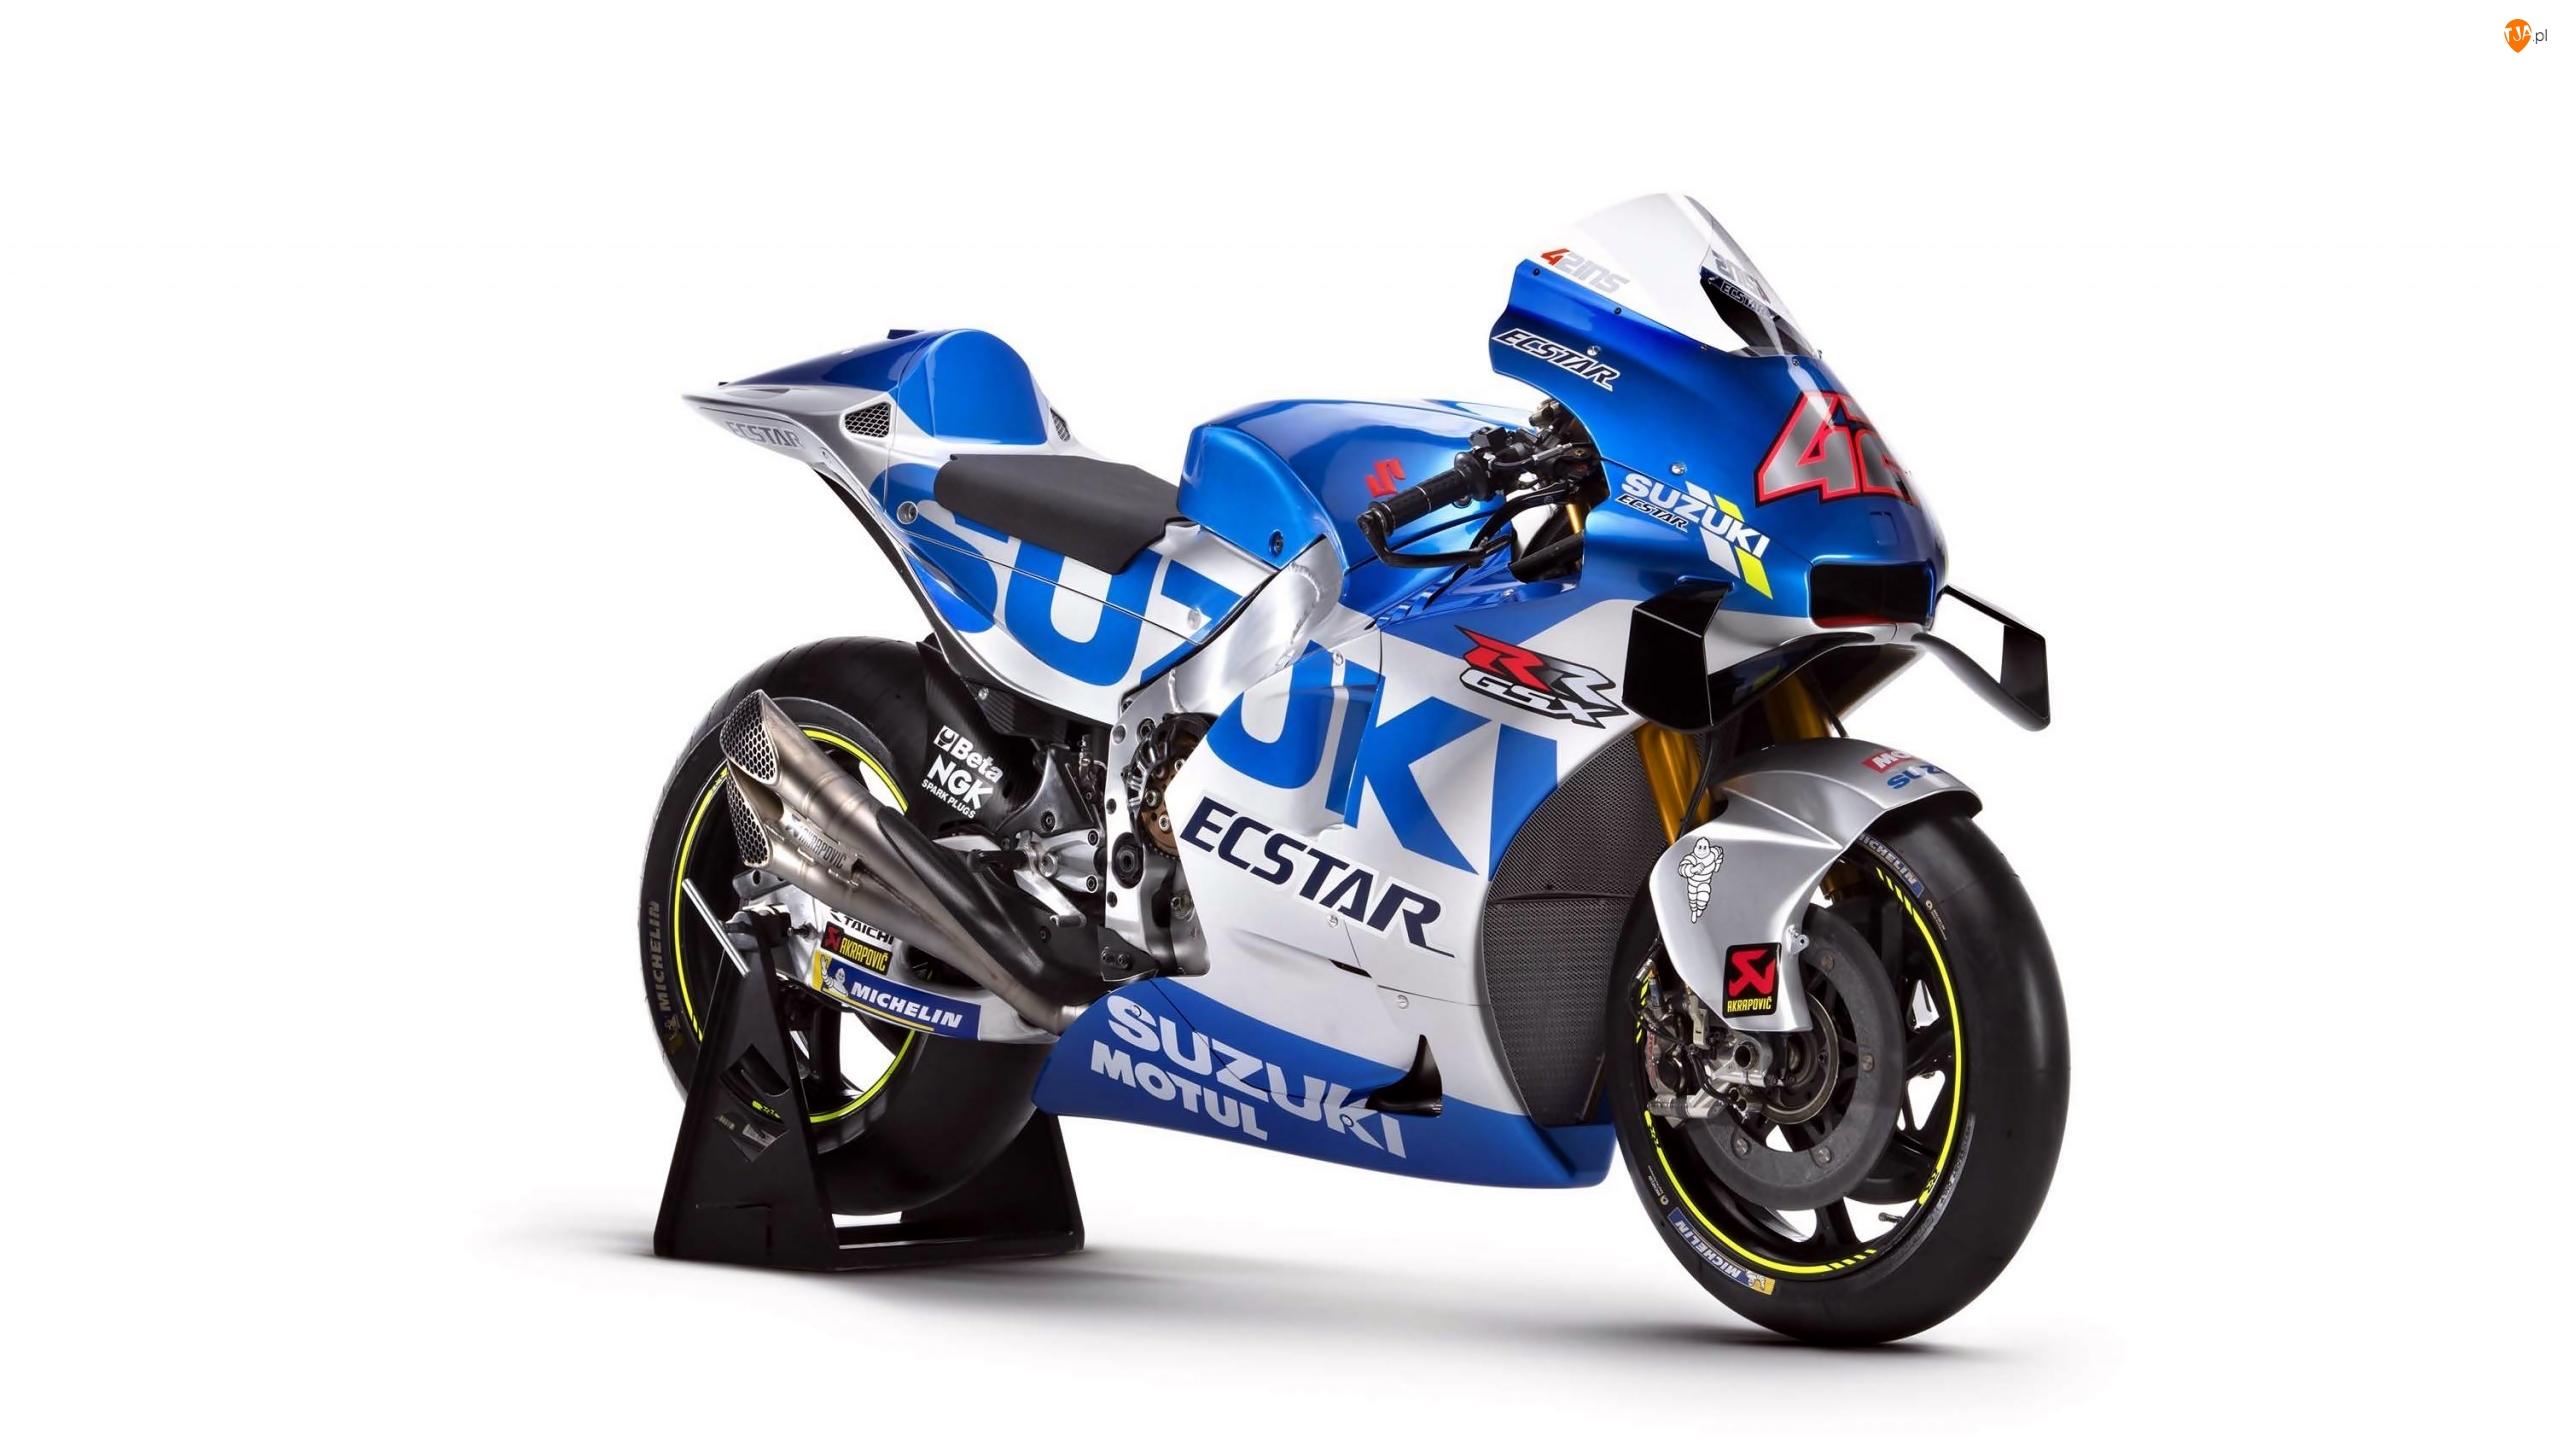 2020, Motocykl, Suzuki GSX-RR, Wyścigowy